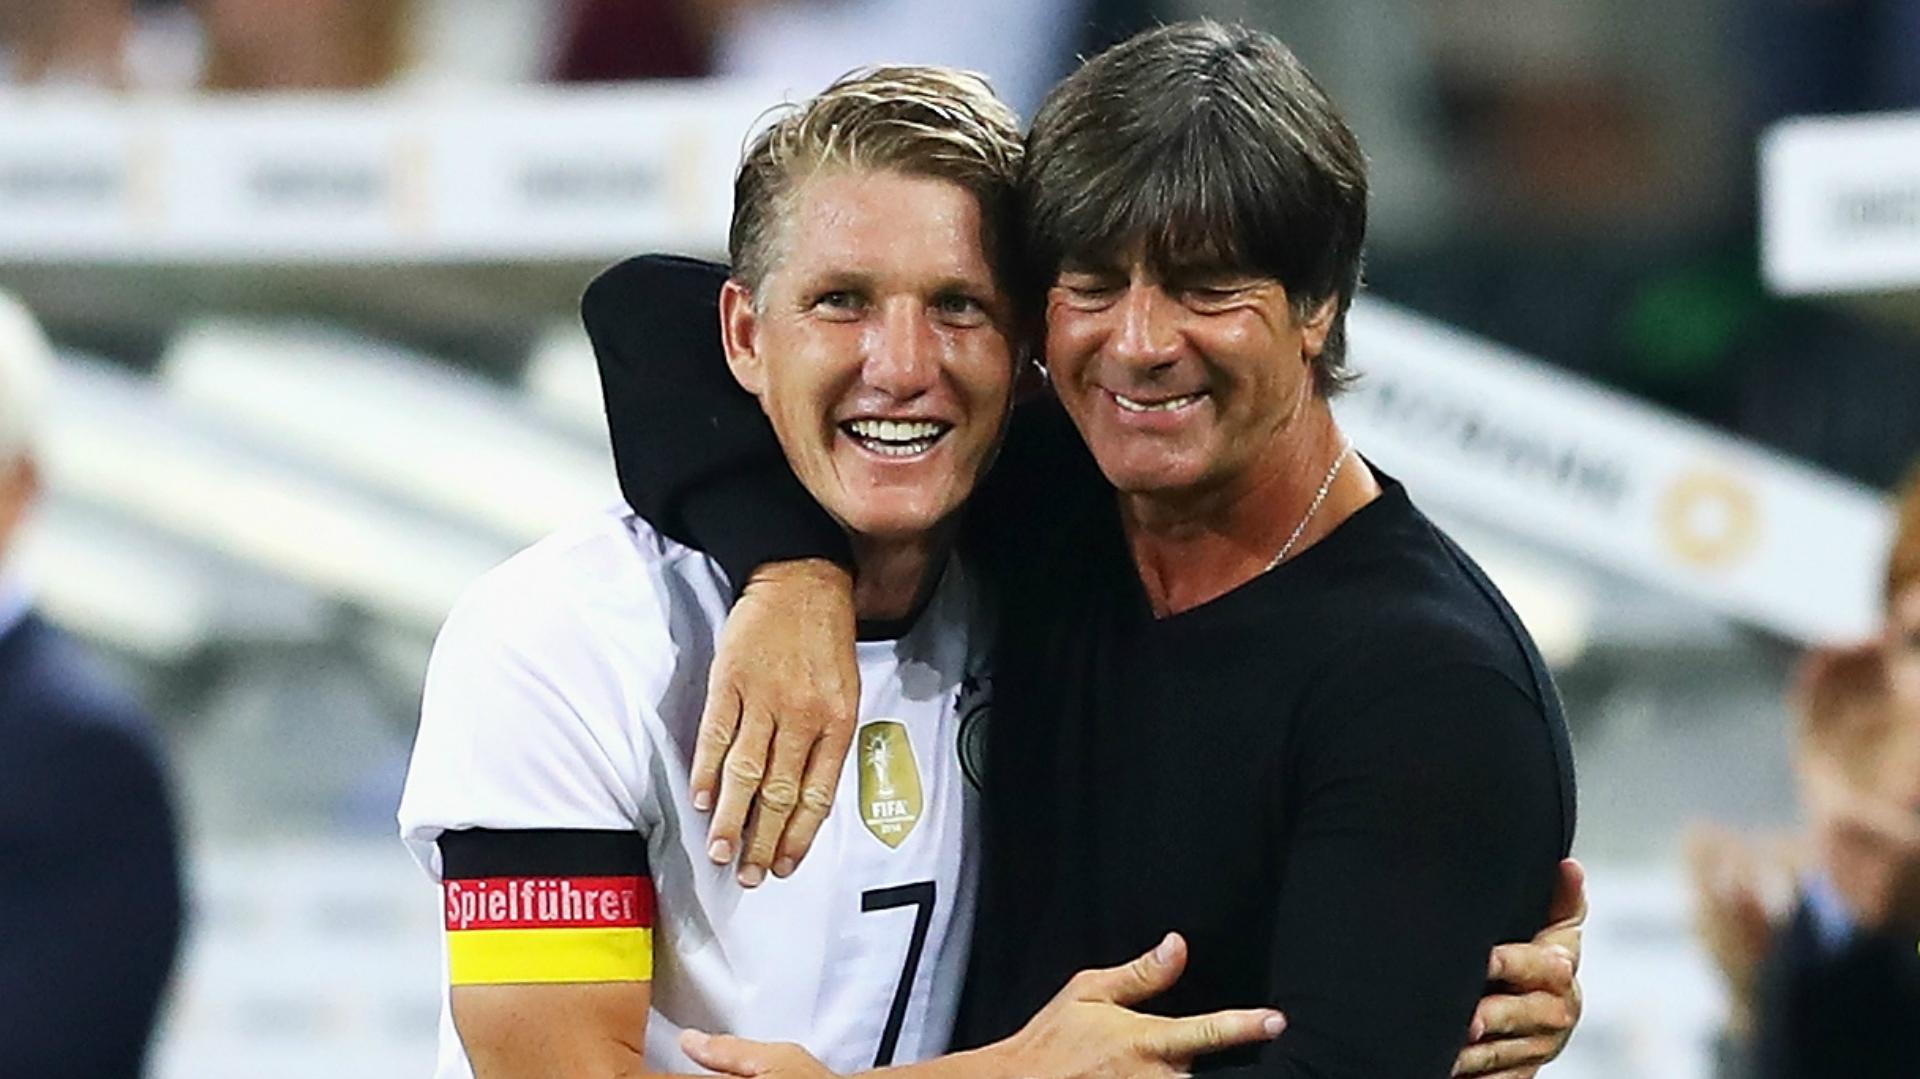 施魏因施泰格退役 勒夫称小猪为德国最佳